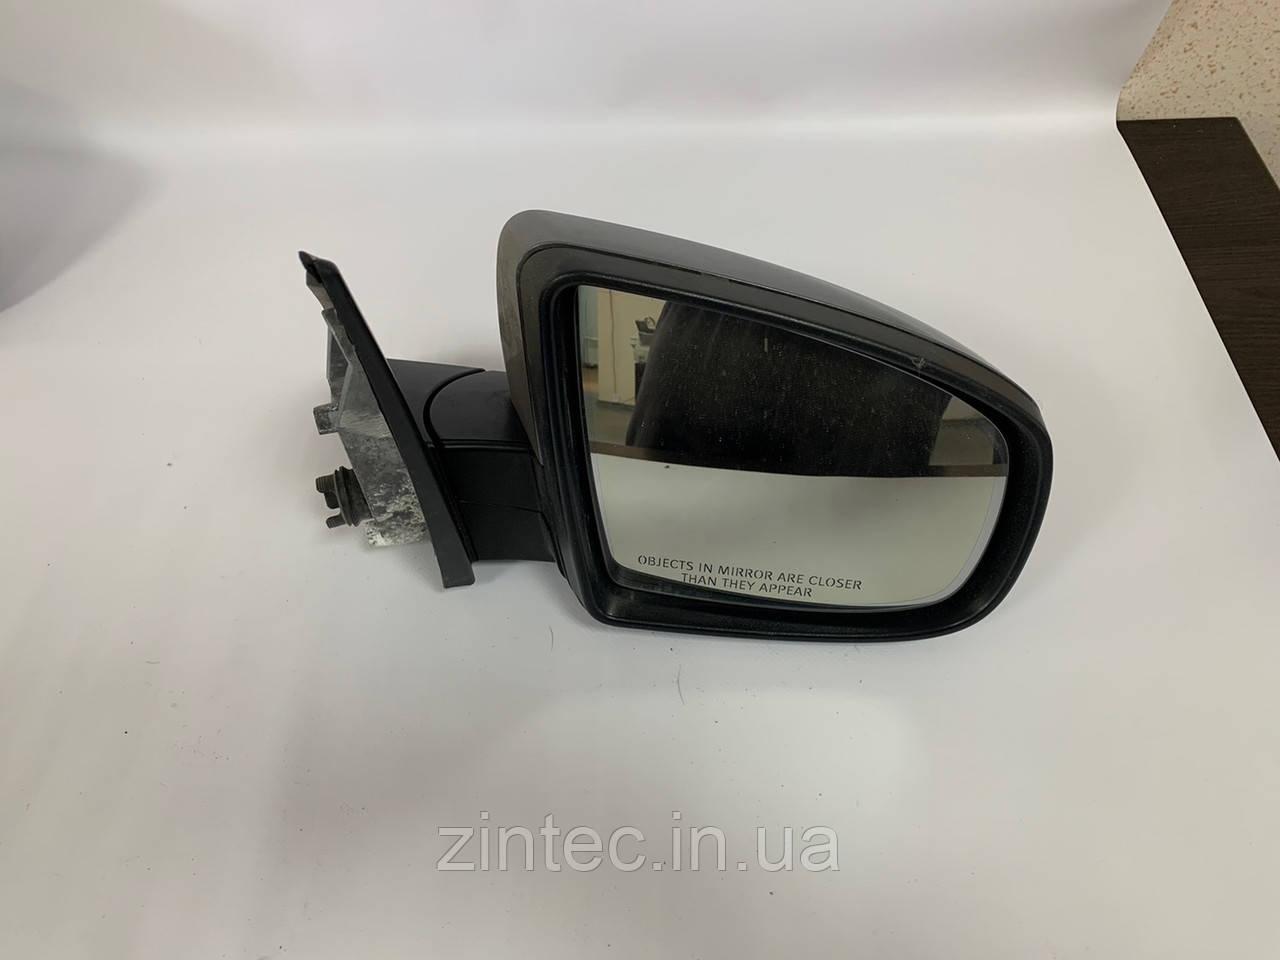 BMW X5 (E70) Зеркало передней правой двери 71368877181175 1941475